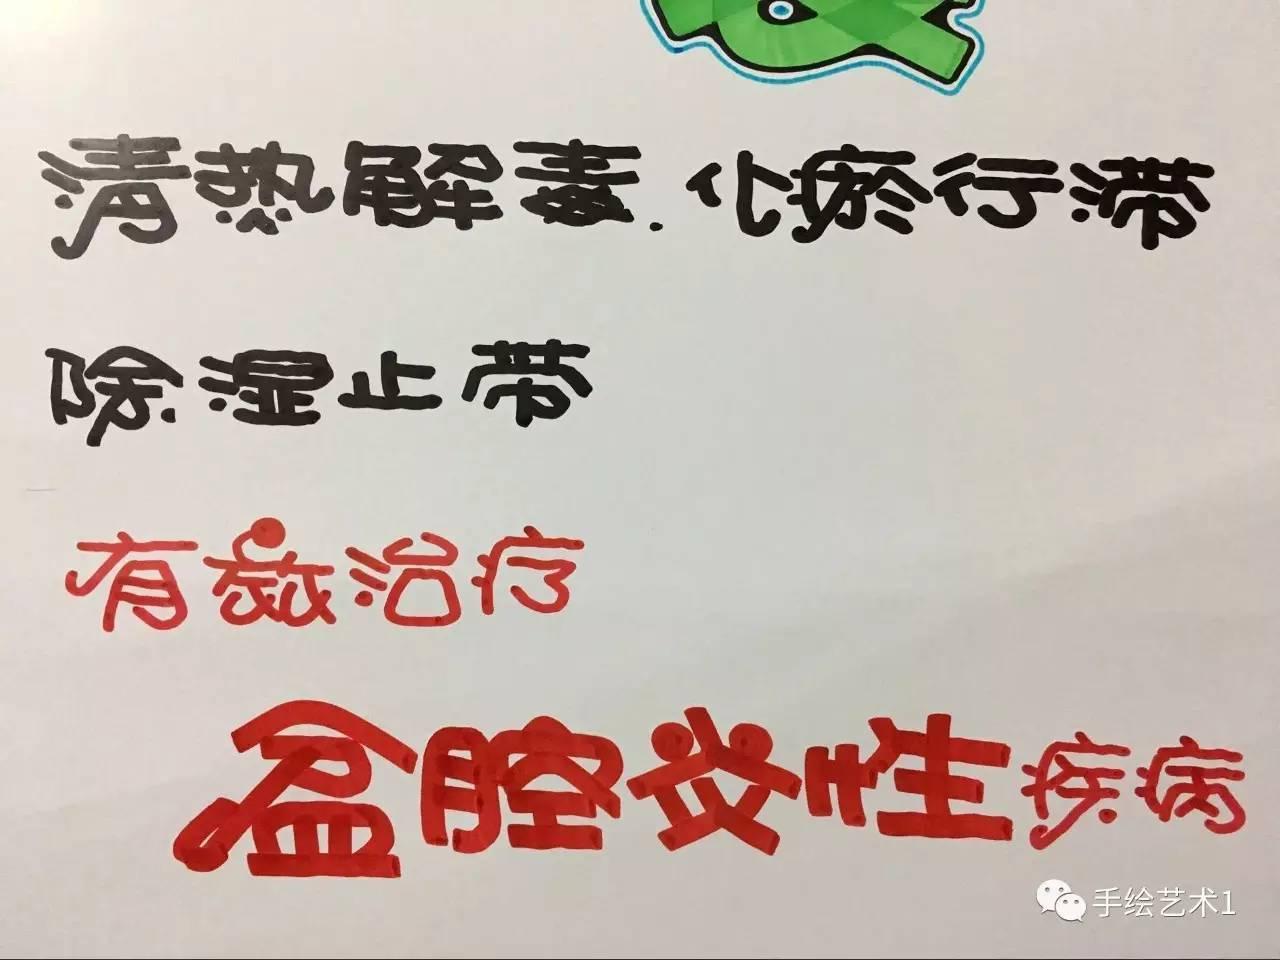 【手绘pop教程分解】用上这样的海报教程,门店销售就是这样产生的了